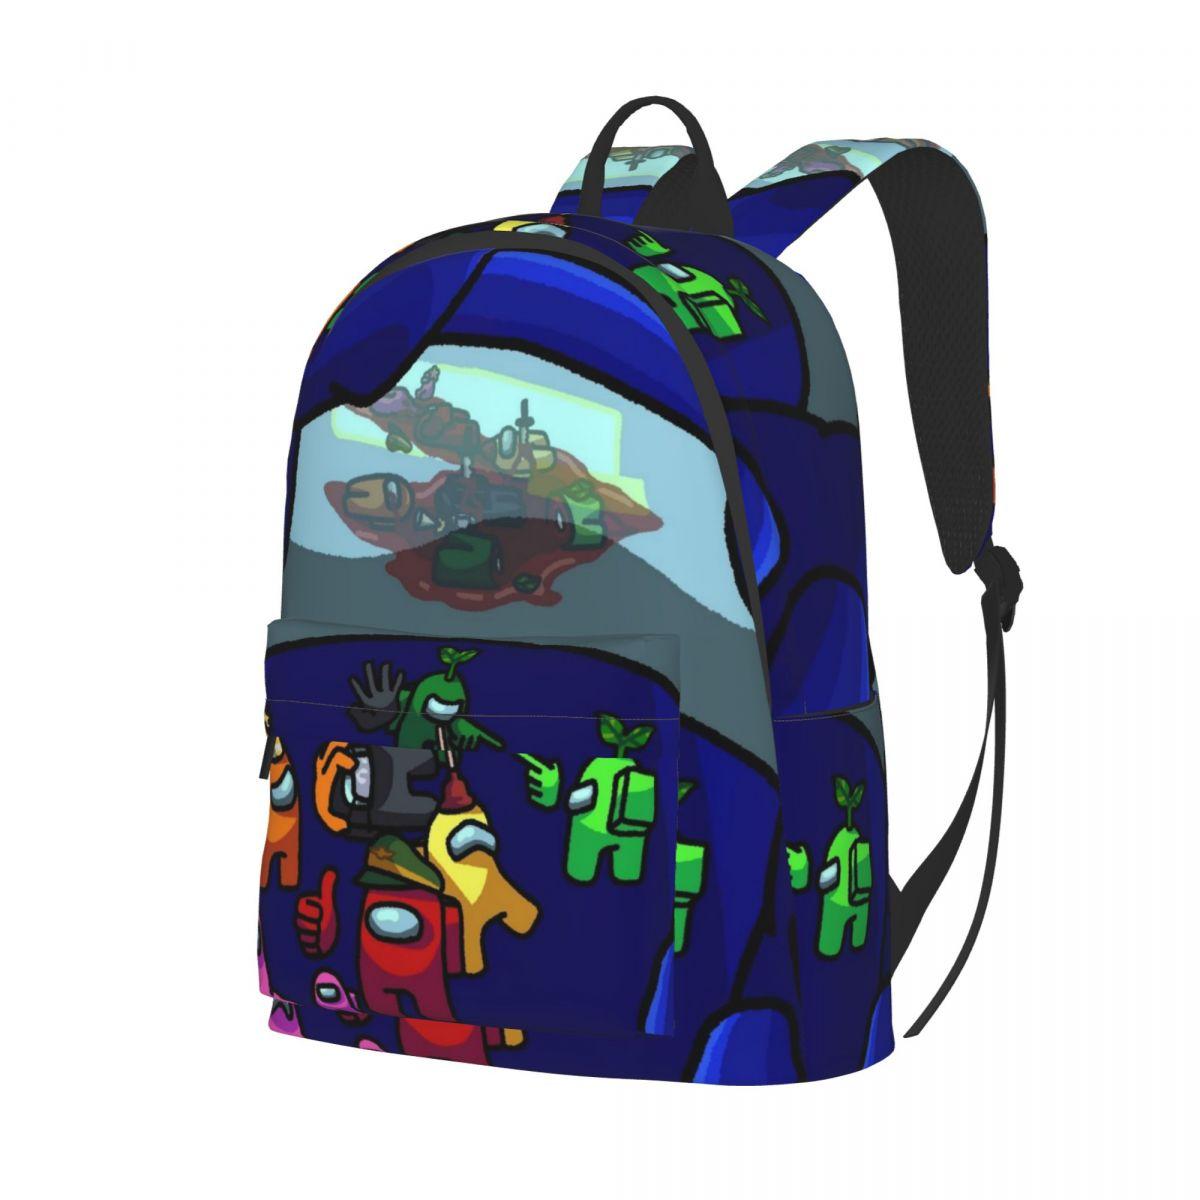 Новые модные мужские и женские рюкзаки, высококачественные школьные дорожные рюкзаки для покупок, вместительные рюкзаки